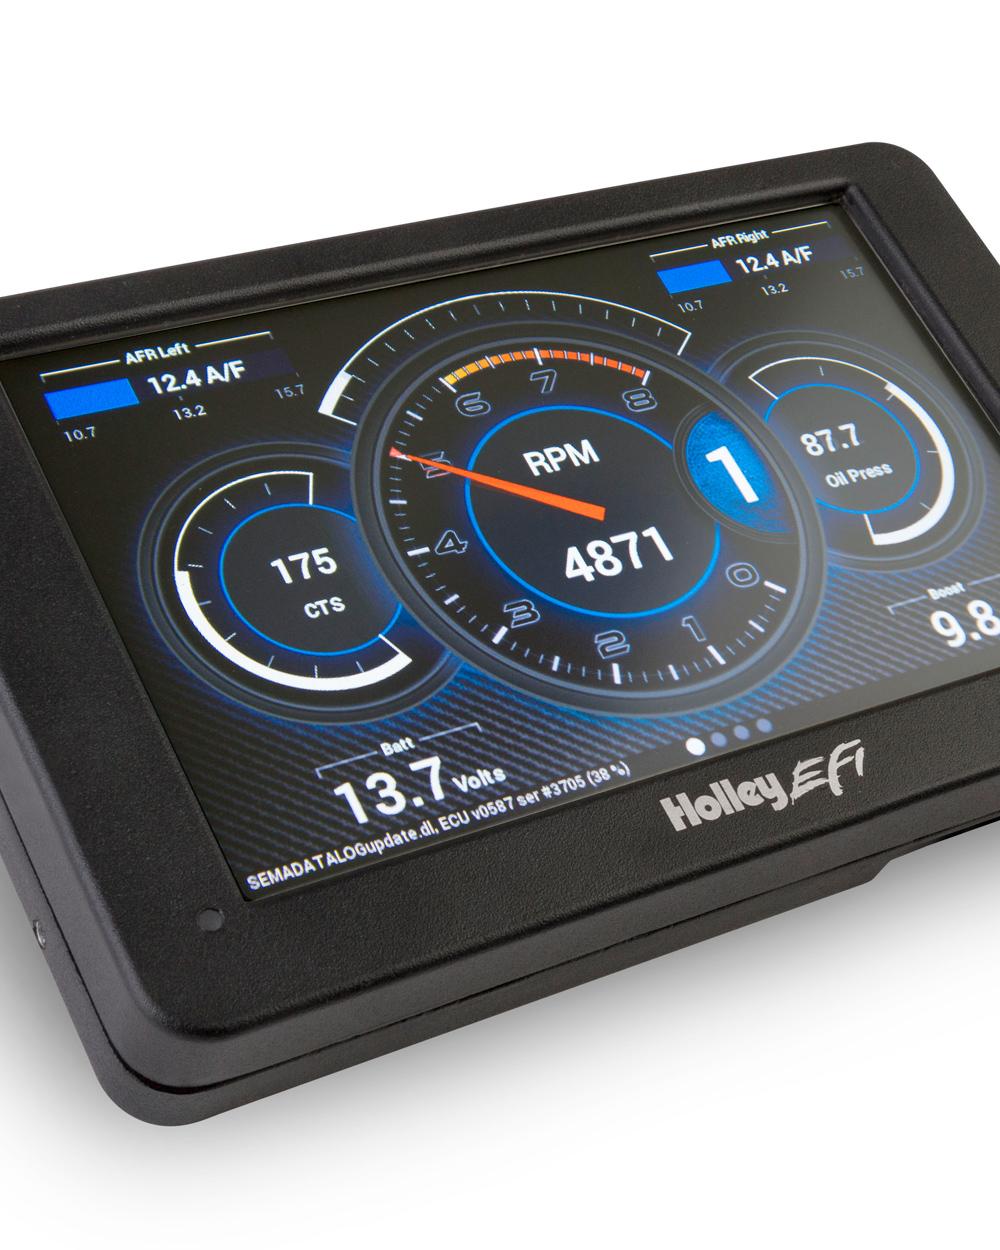 Holley Efi Digital Dash Mullenix Racing Engines